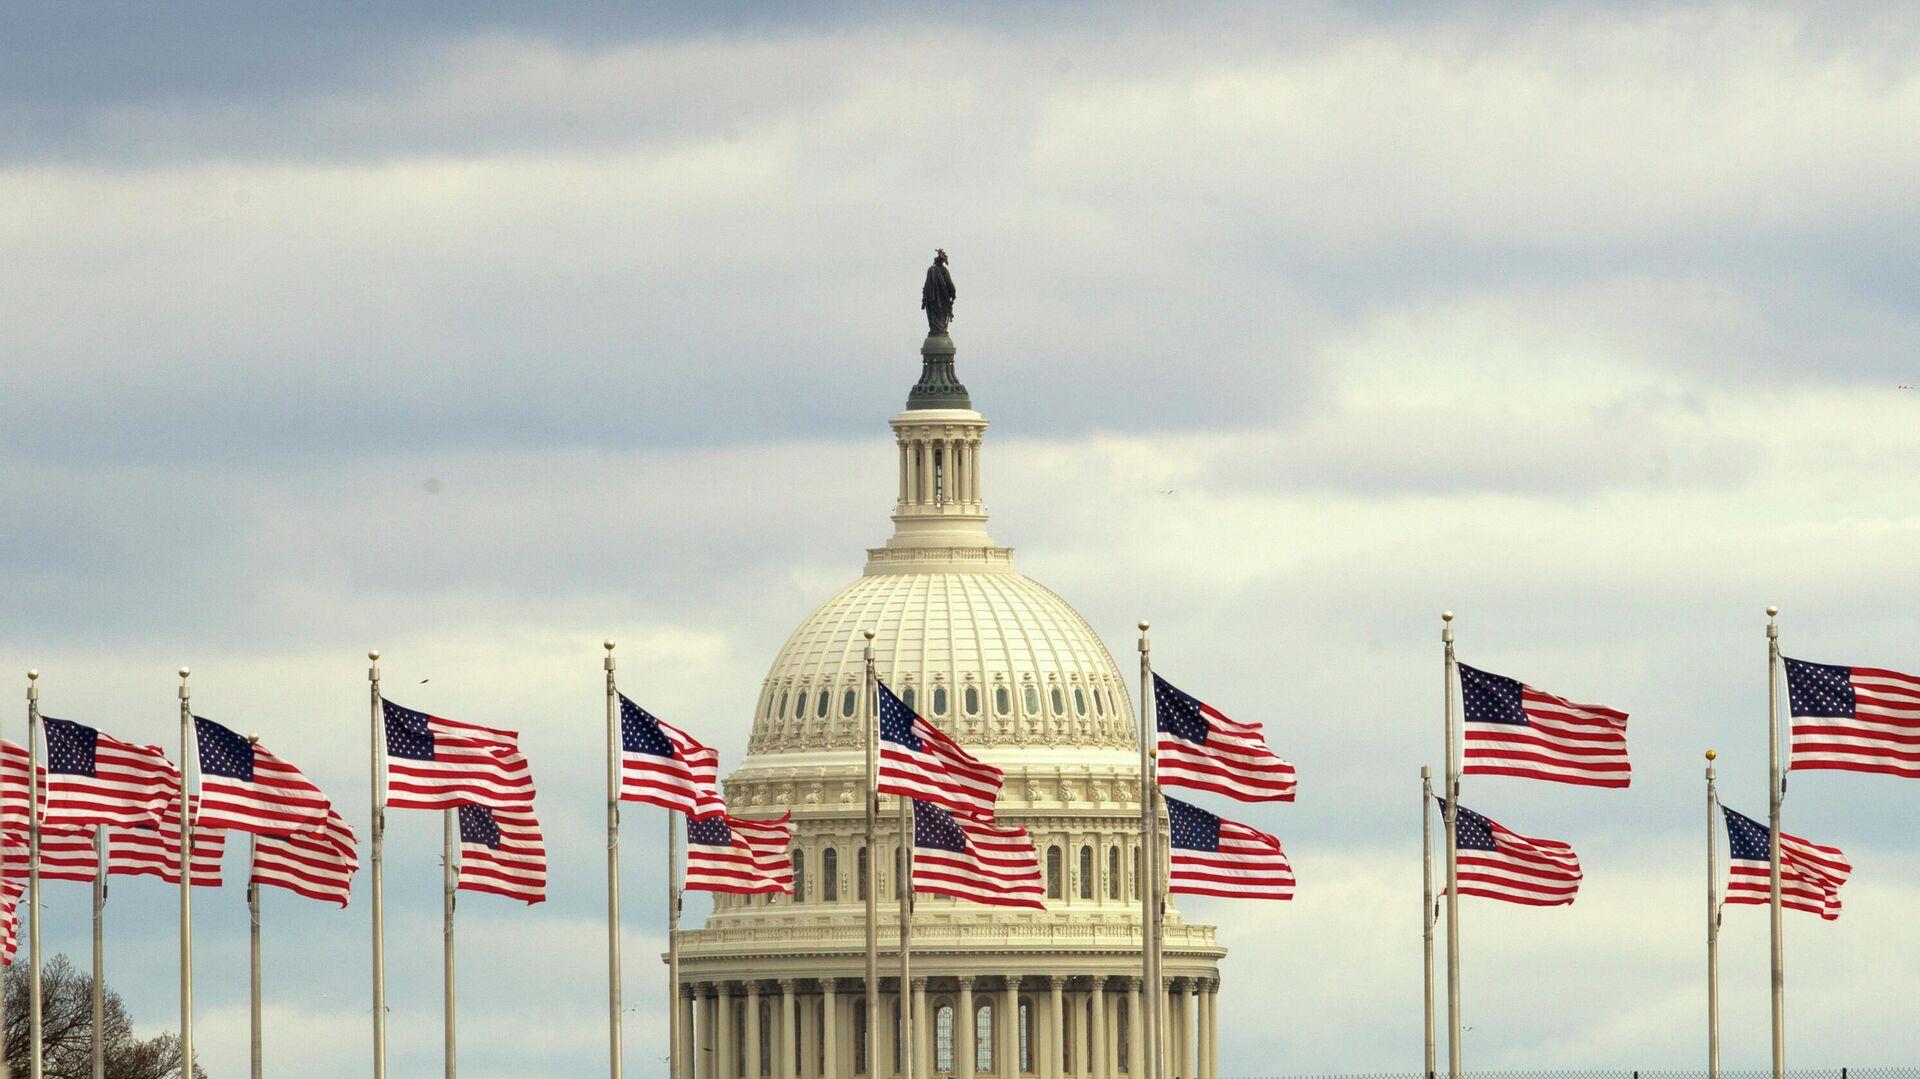 Здание Конгресса США на Капитолийском холме в Вашингтоне - РИА Новости, 1920, 26.08.2019